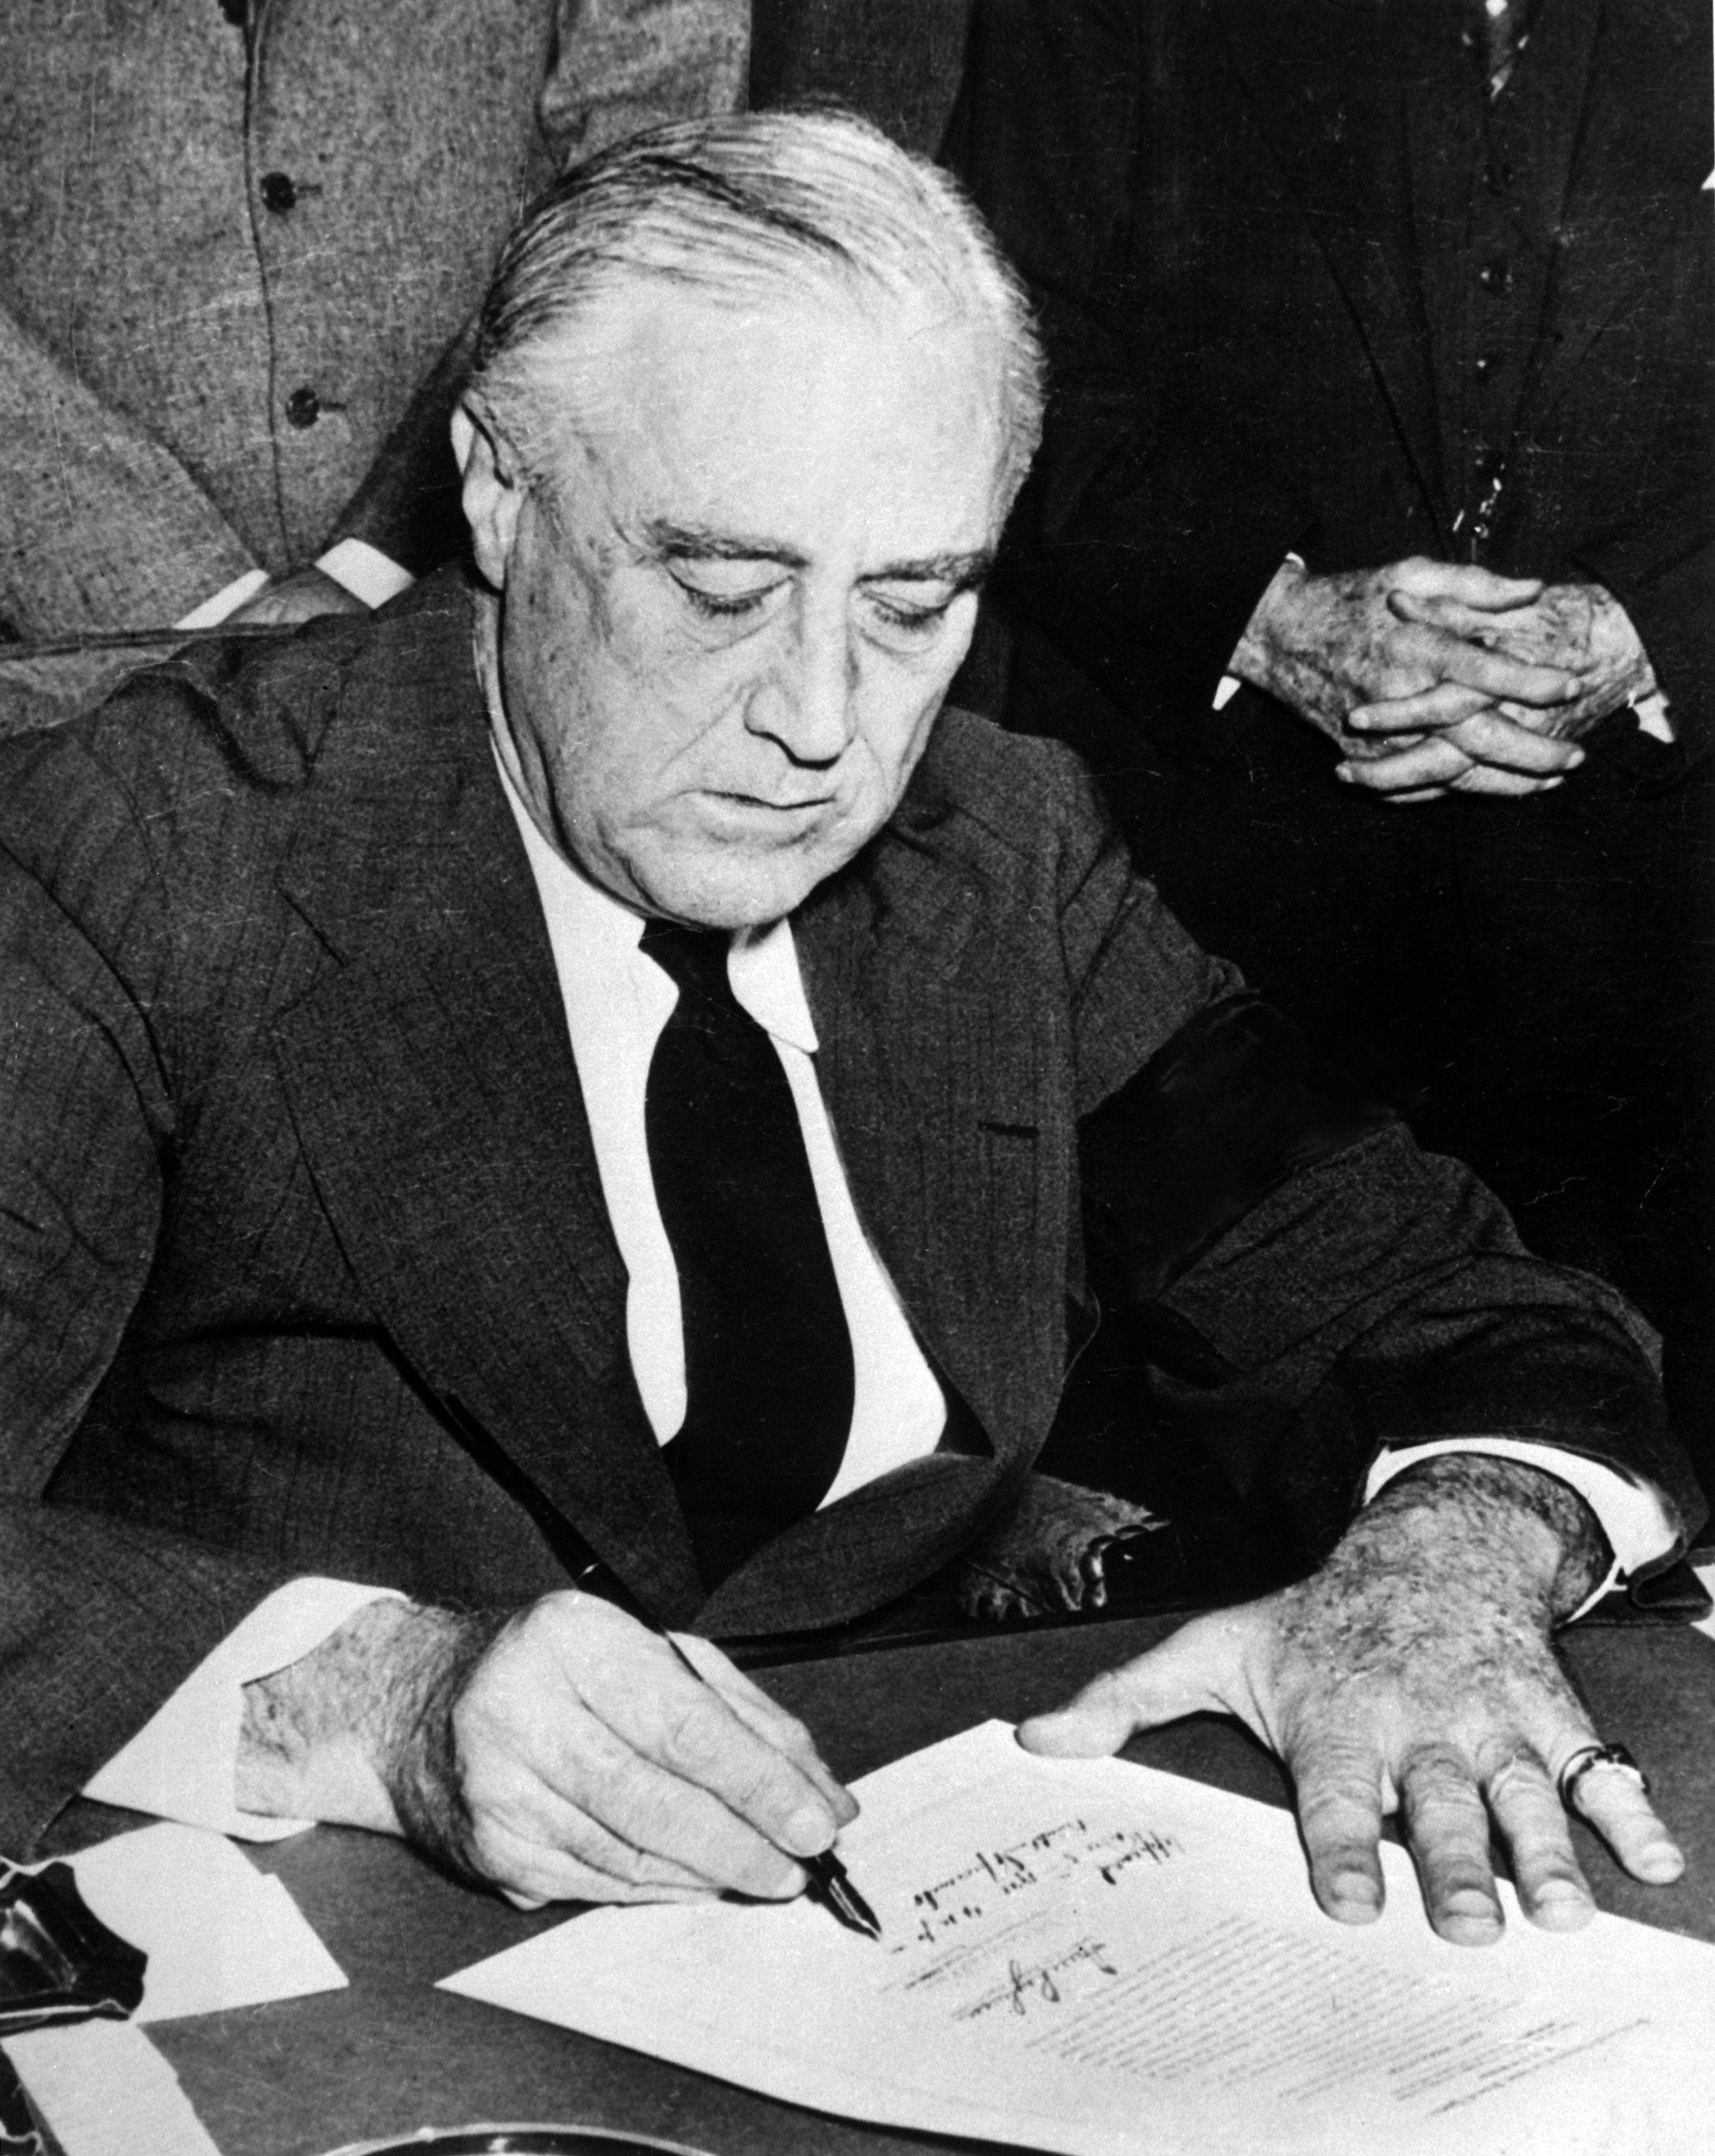 6. Franklin D. Roosevelt